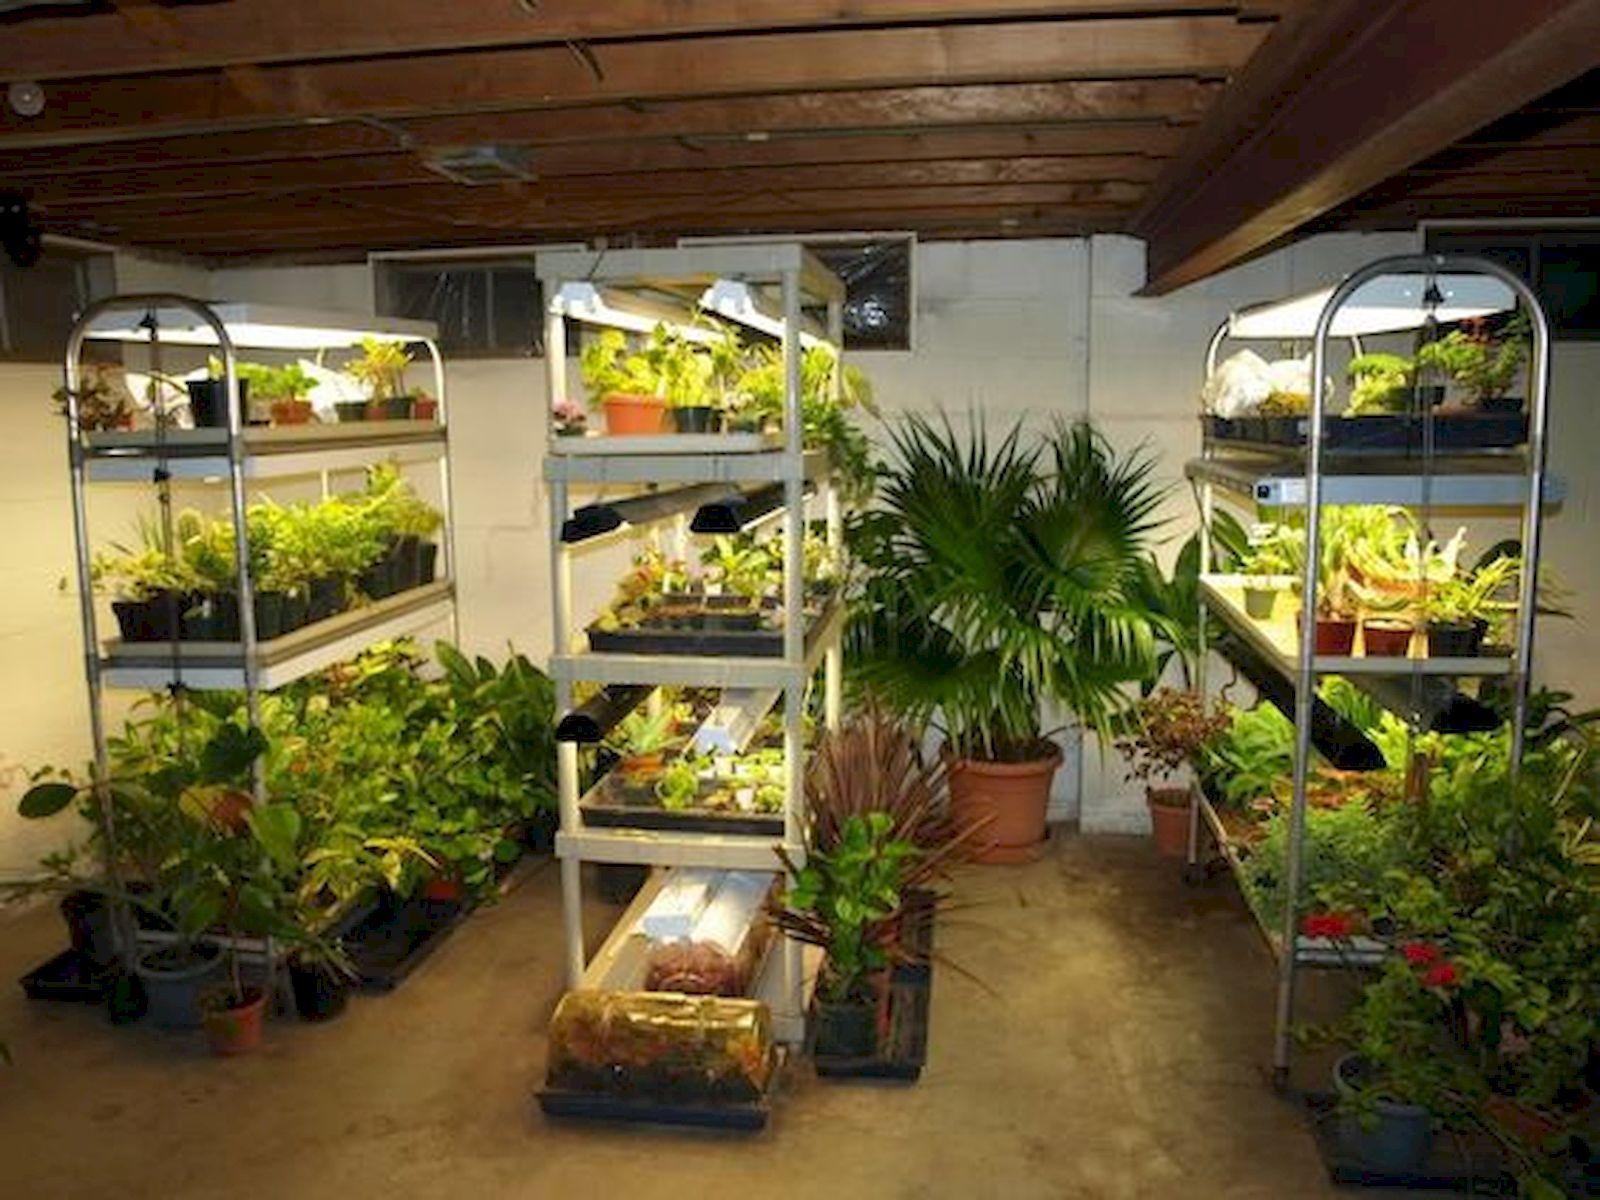 33 Best Hydroponic Gardening For Beginners Design Ideas Indoor Vegetable Gardening Hydroponic Gardening Indoor Garden